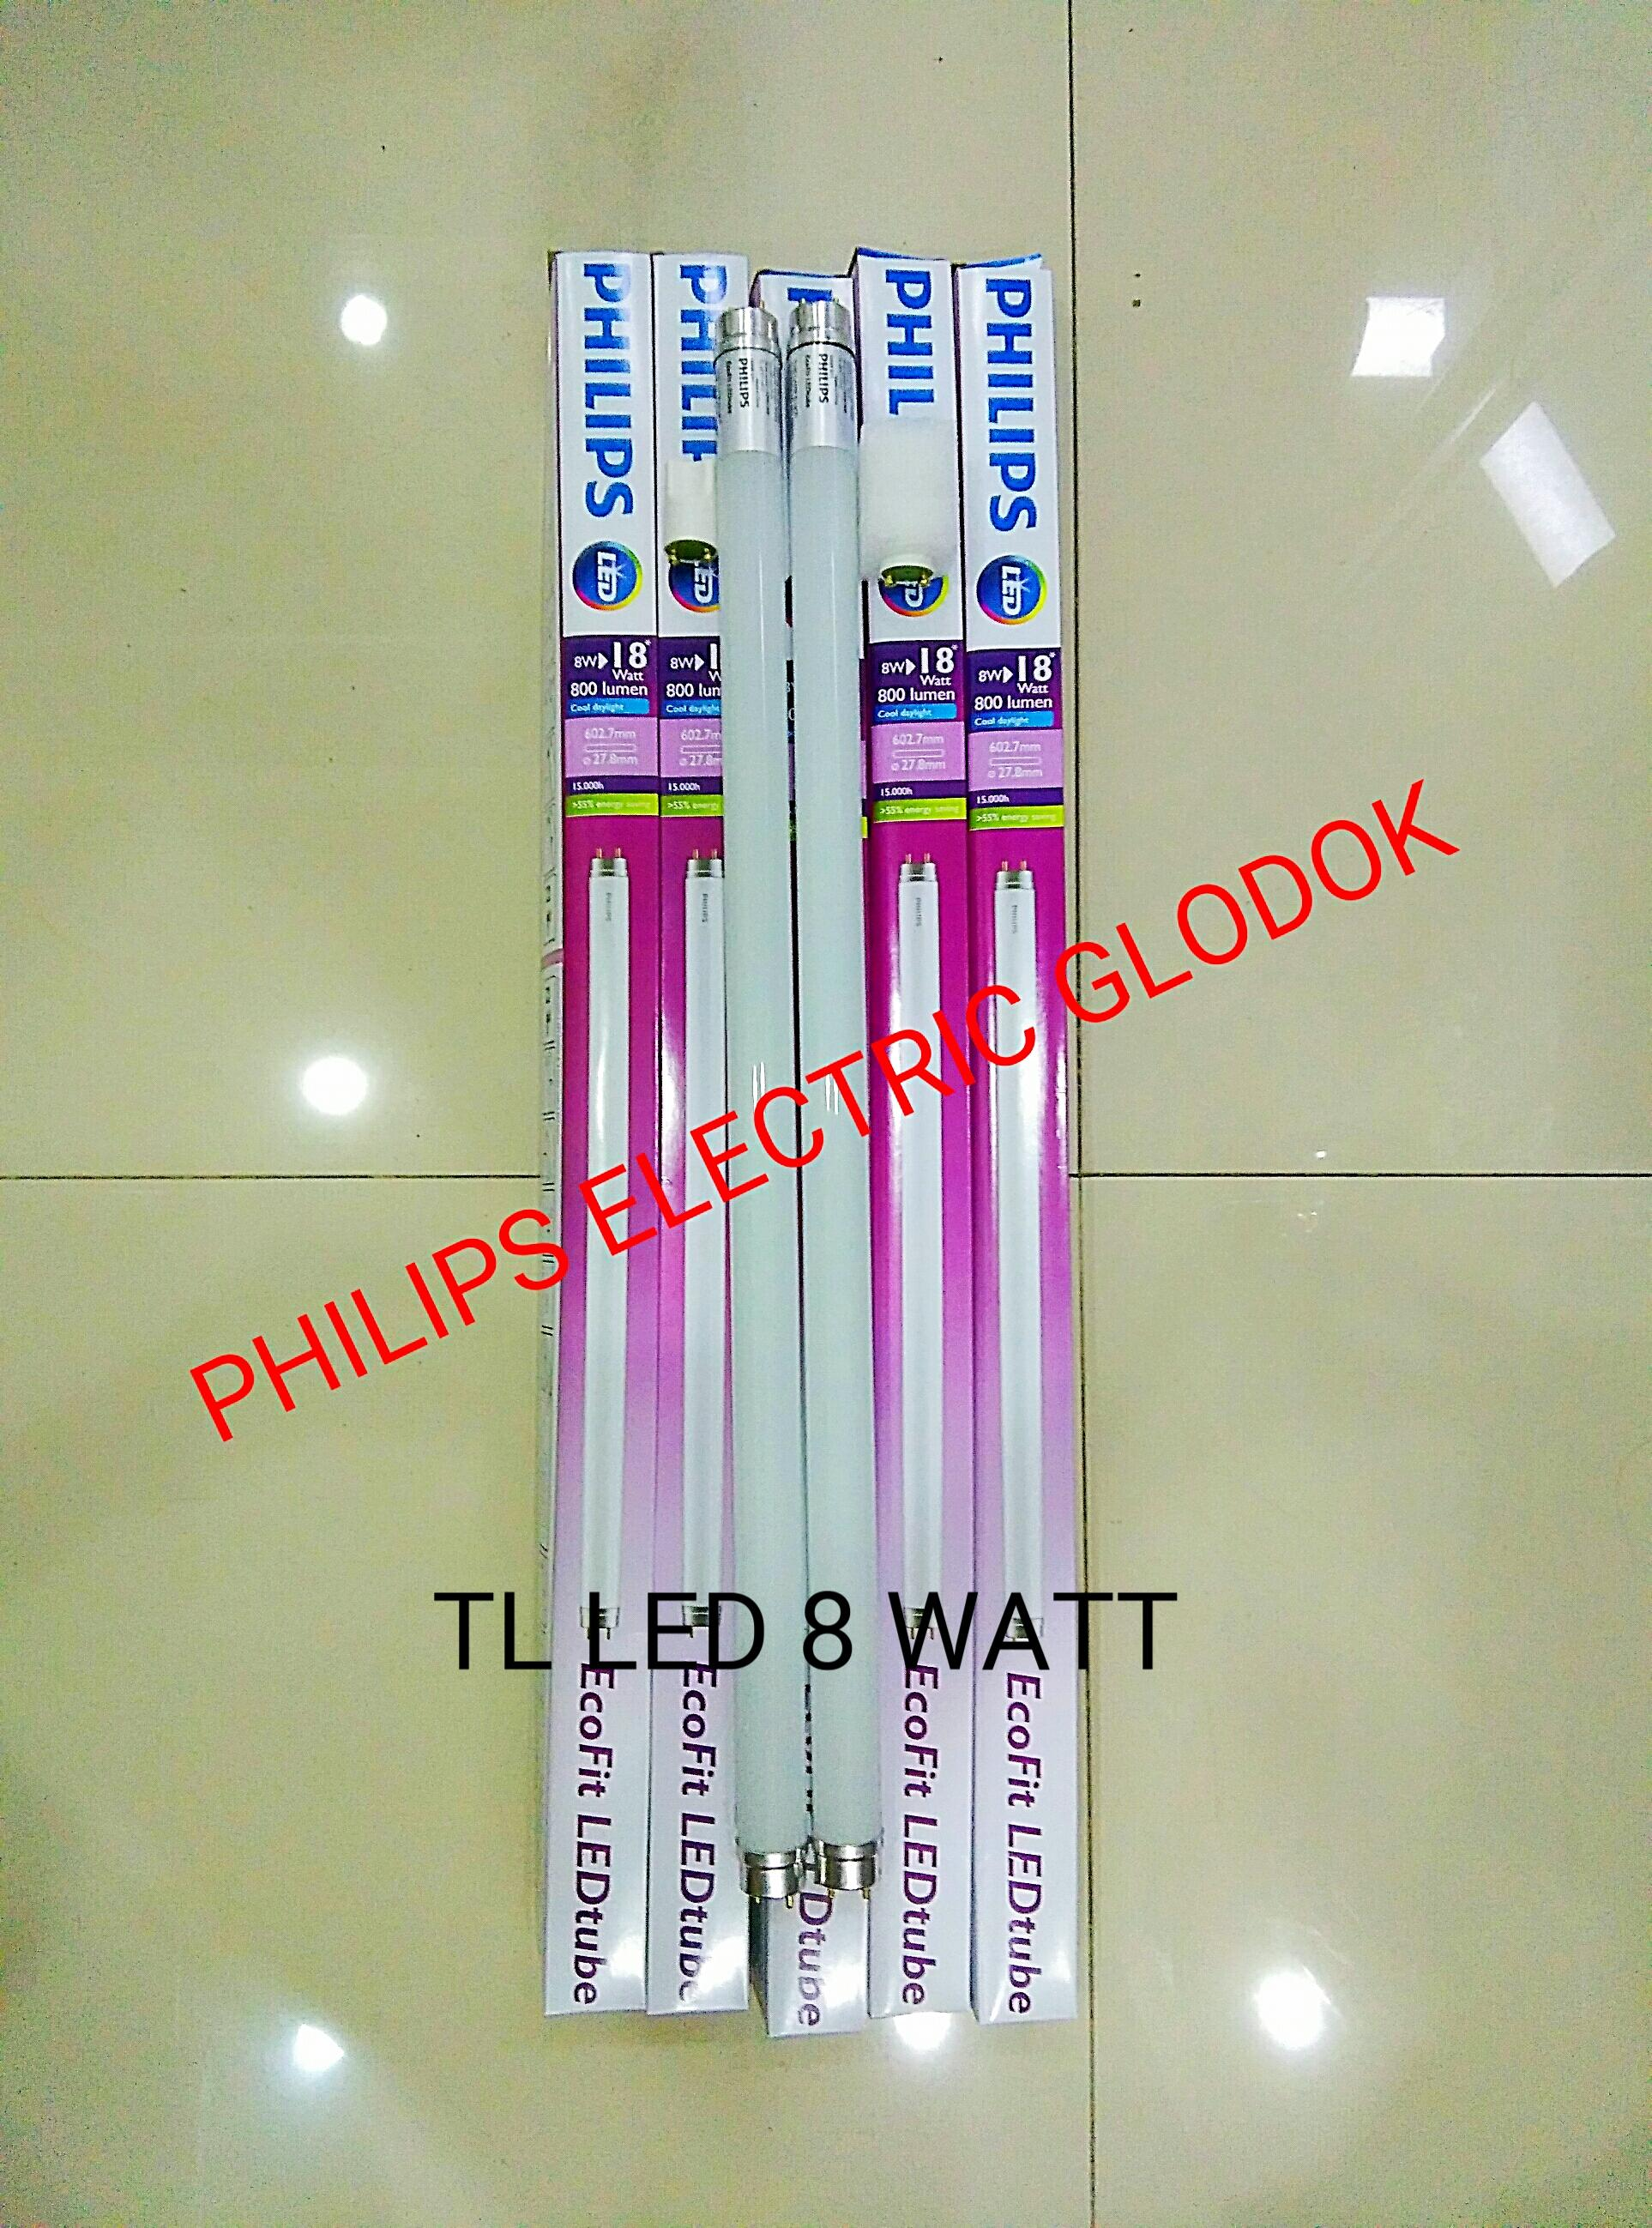 LAMPU PHILIPS TL LED 8 W / NEON TL LED 8 WATT / NEON TL LED 8 W